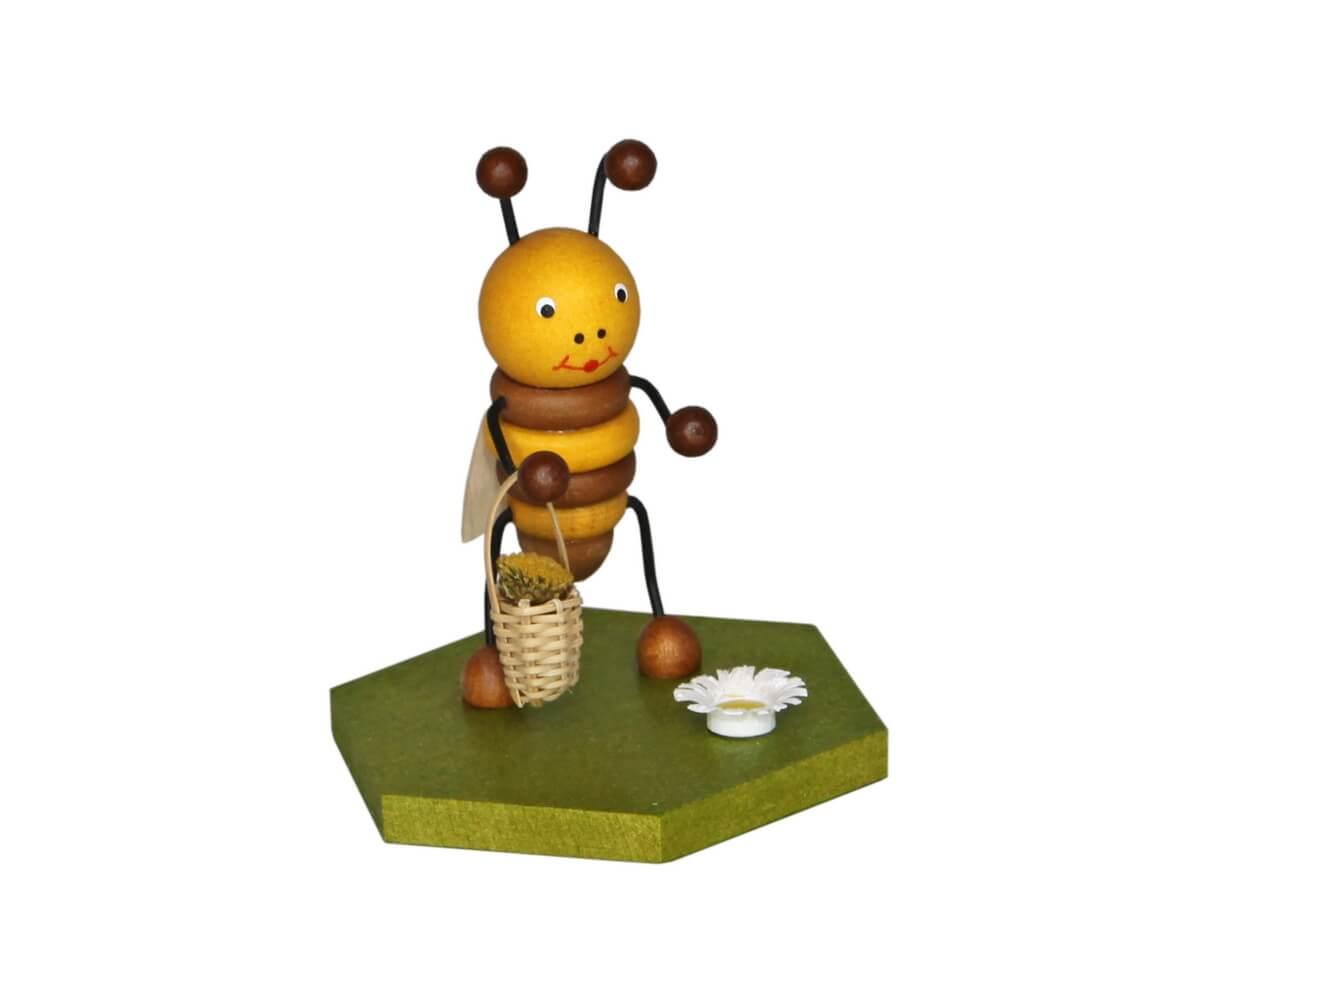 Biene mit Blumenkorb, 8cm von Volker Zenker aus Seiffen